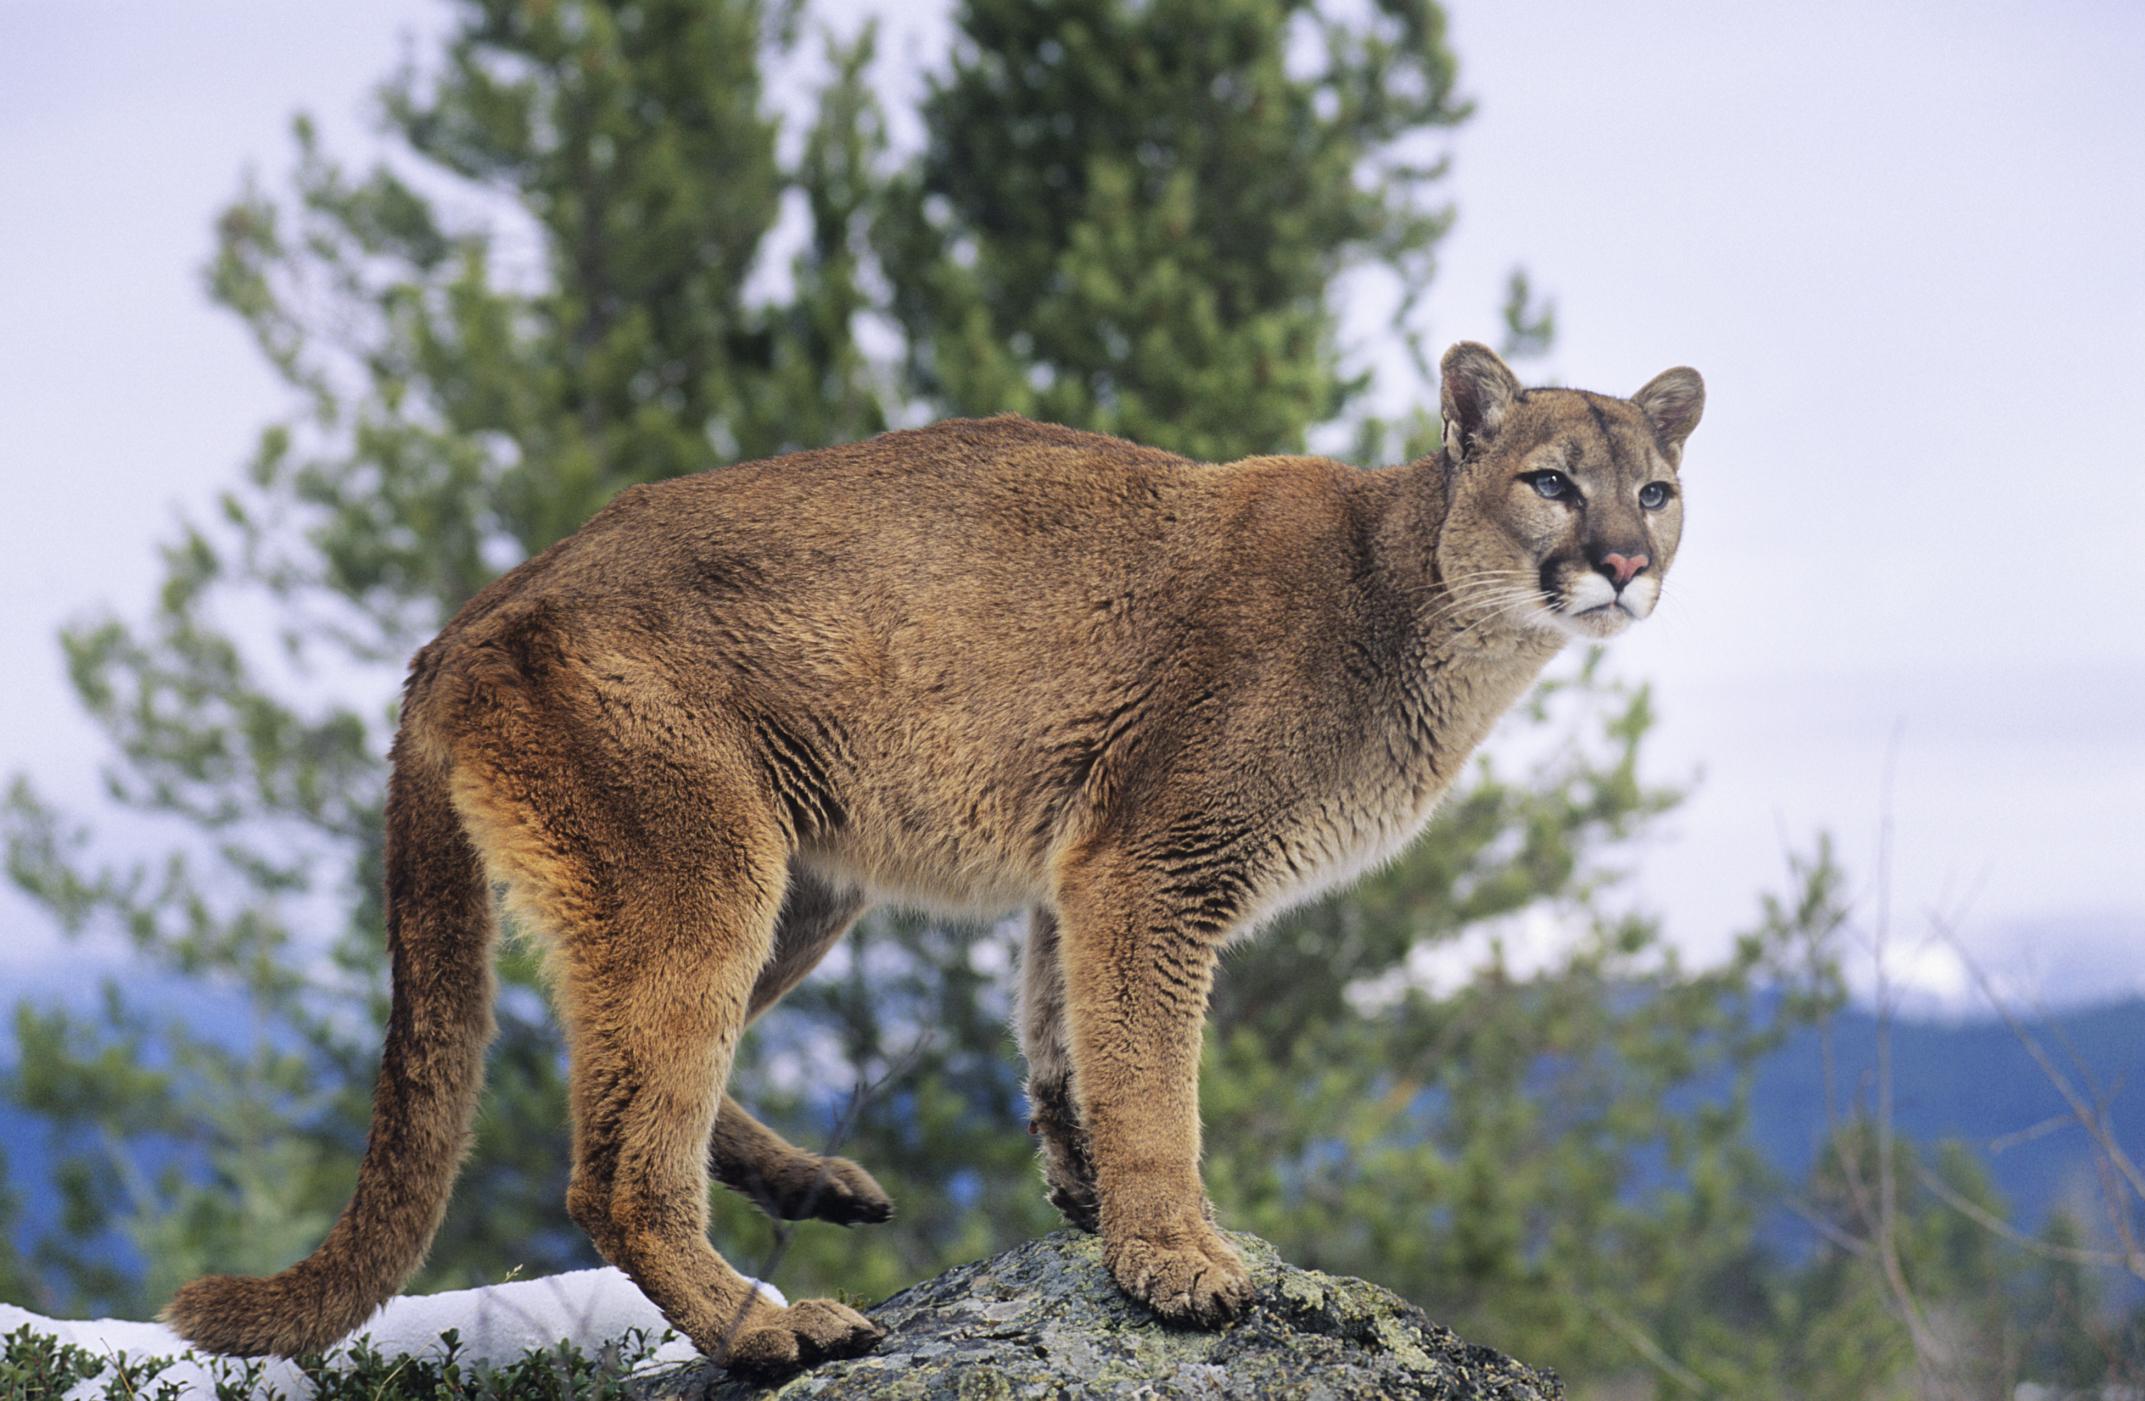 Arizona cougars